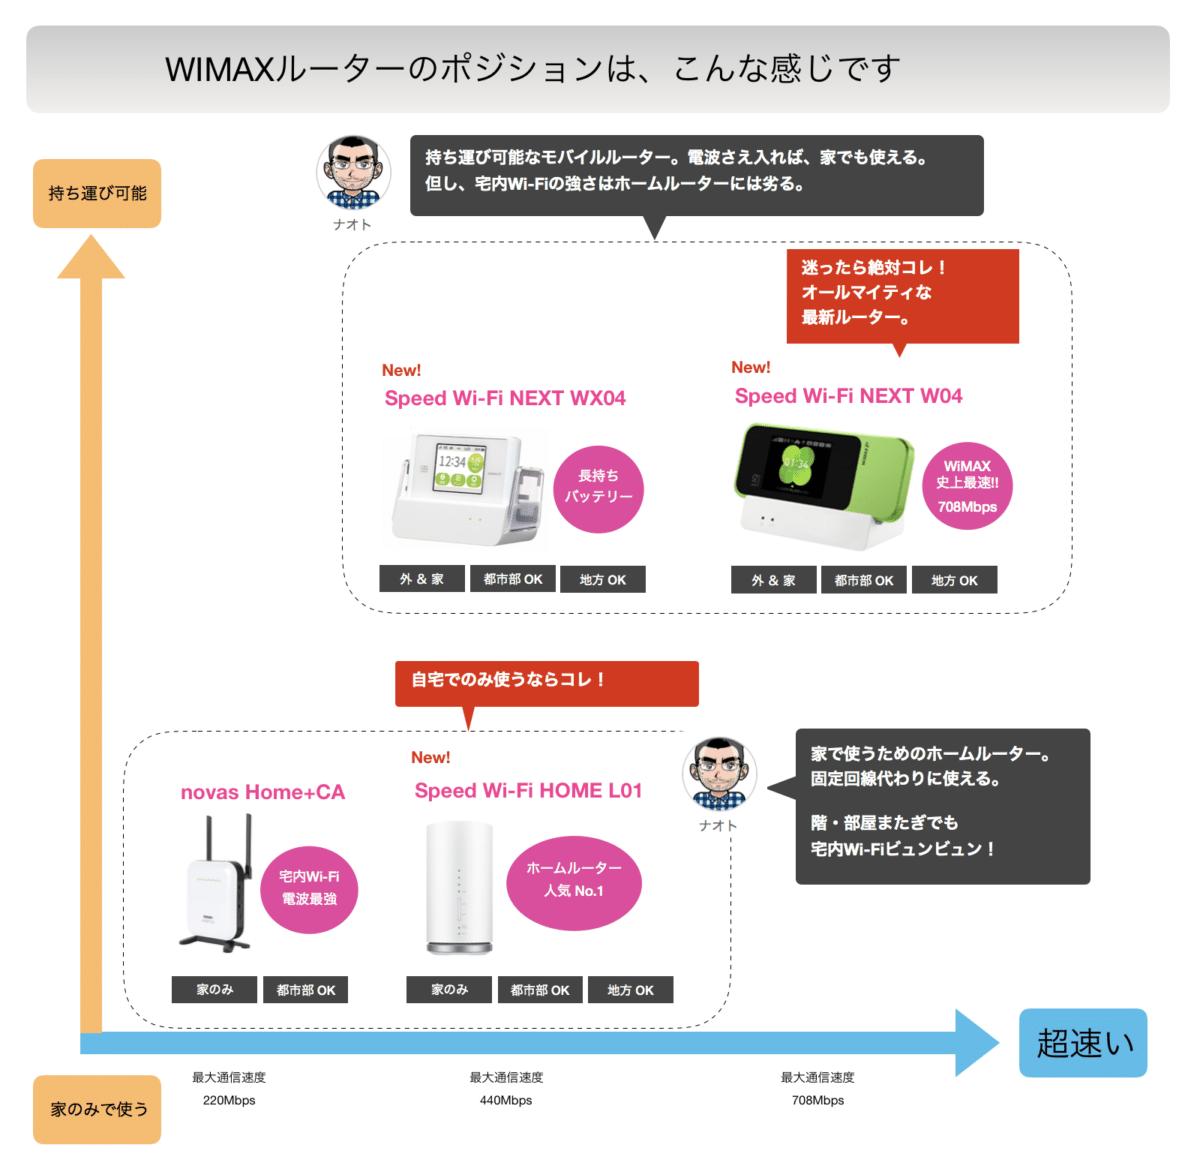 WiMAXルーターマップ、ルーター選びに役立ててください